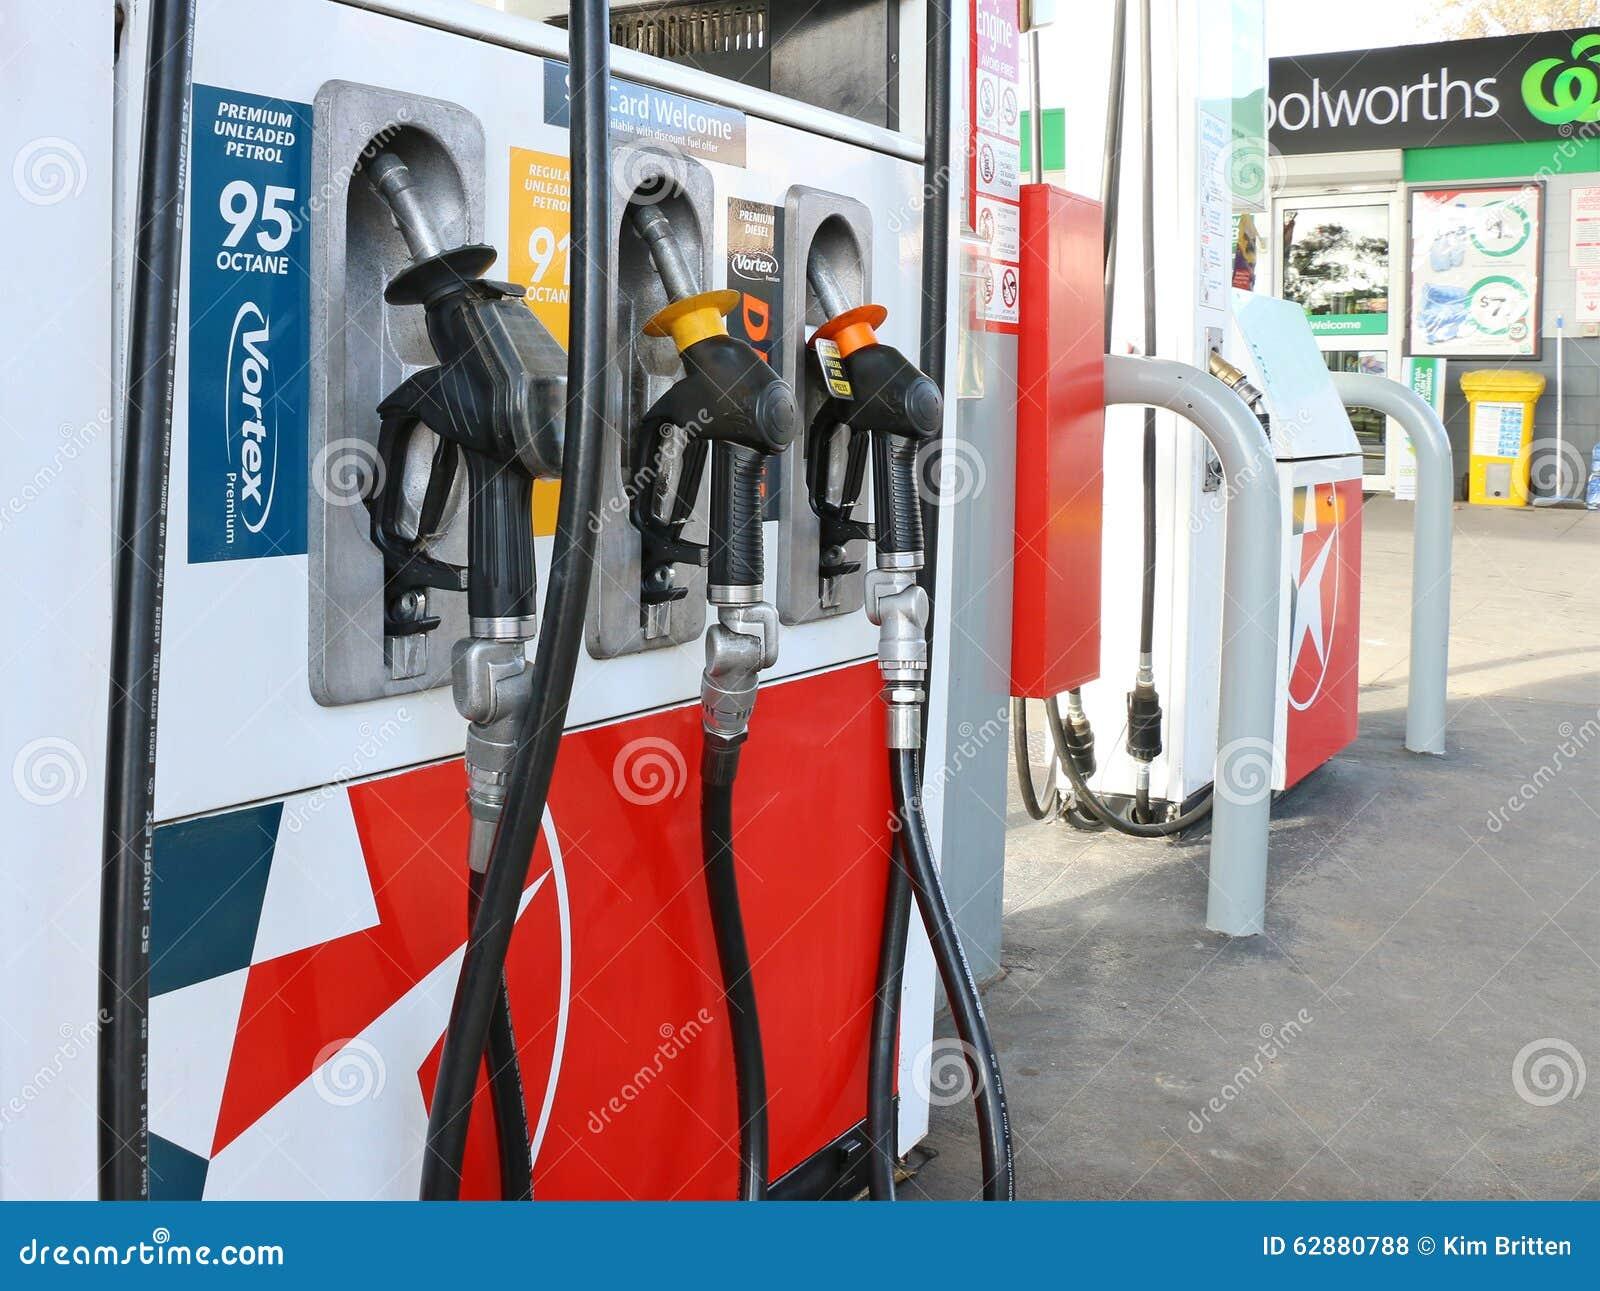 Ομο-μαρκαρισμένες έξοδοι καυσίμων Caltex οι Woolworths αποτελούν μέρος μιας συμμαχίας μεταξύ Woolworths Ltd και του πετρελαίου Ca